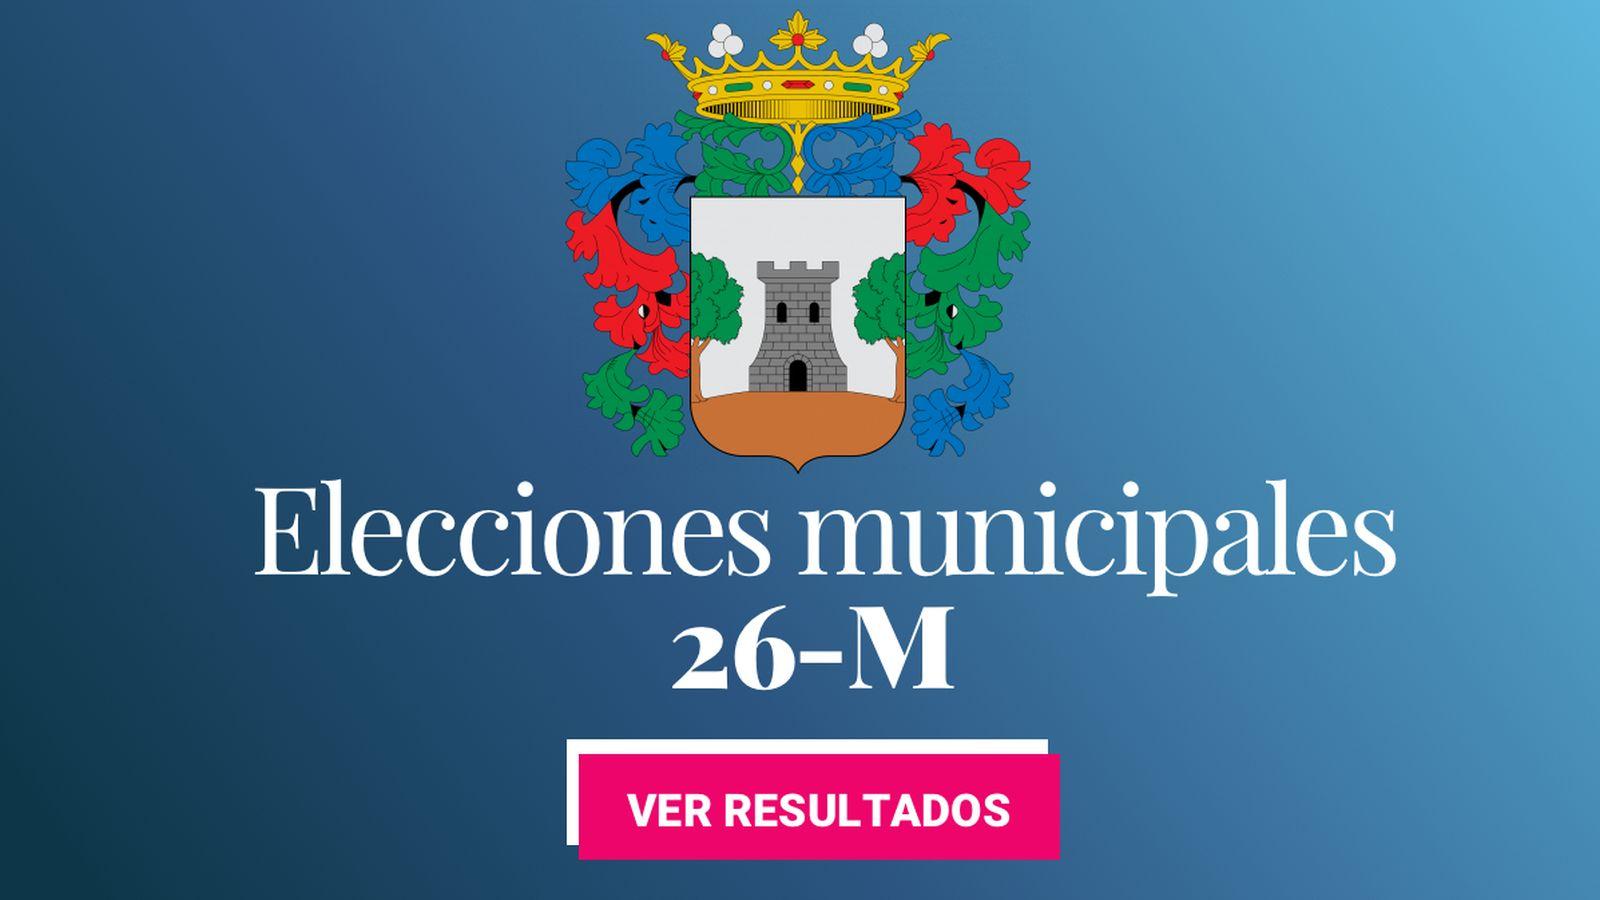 Foto: Elecciones municipales 2019 en Mijas. (C.C./EC)